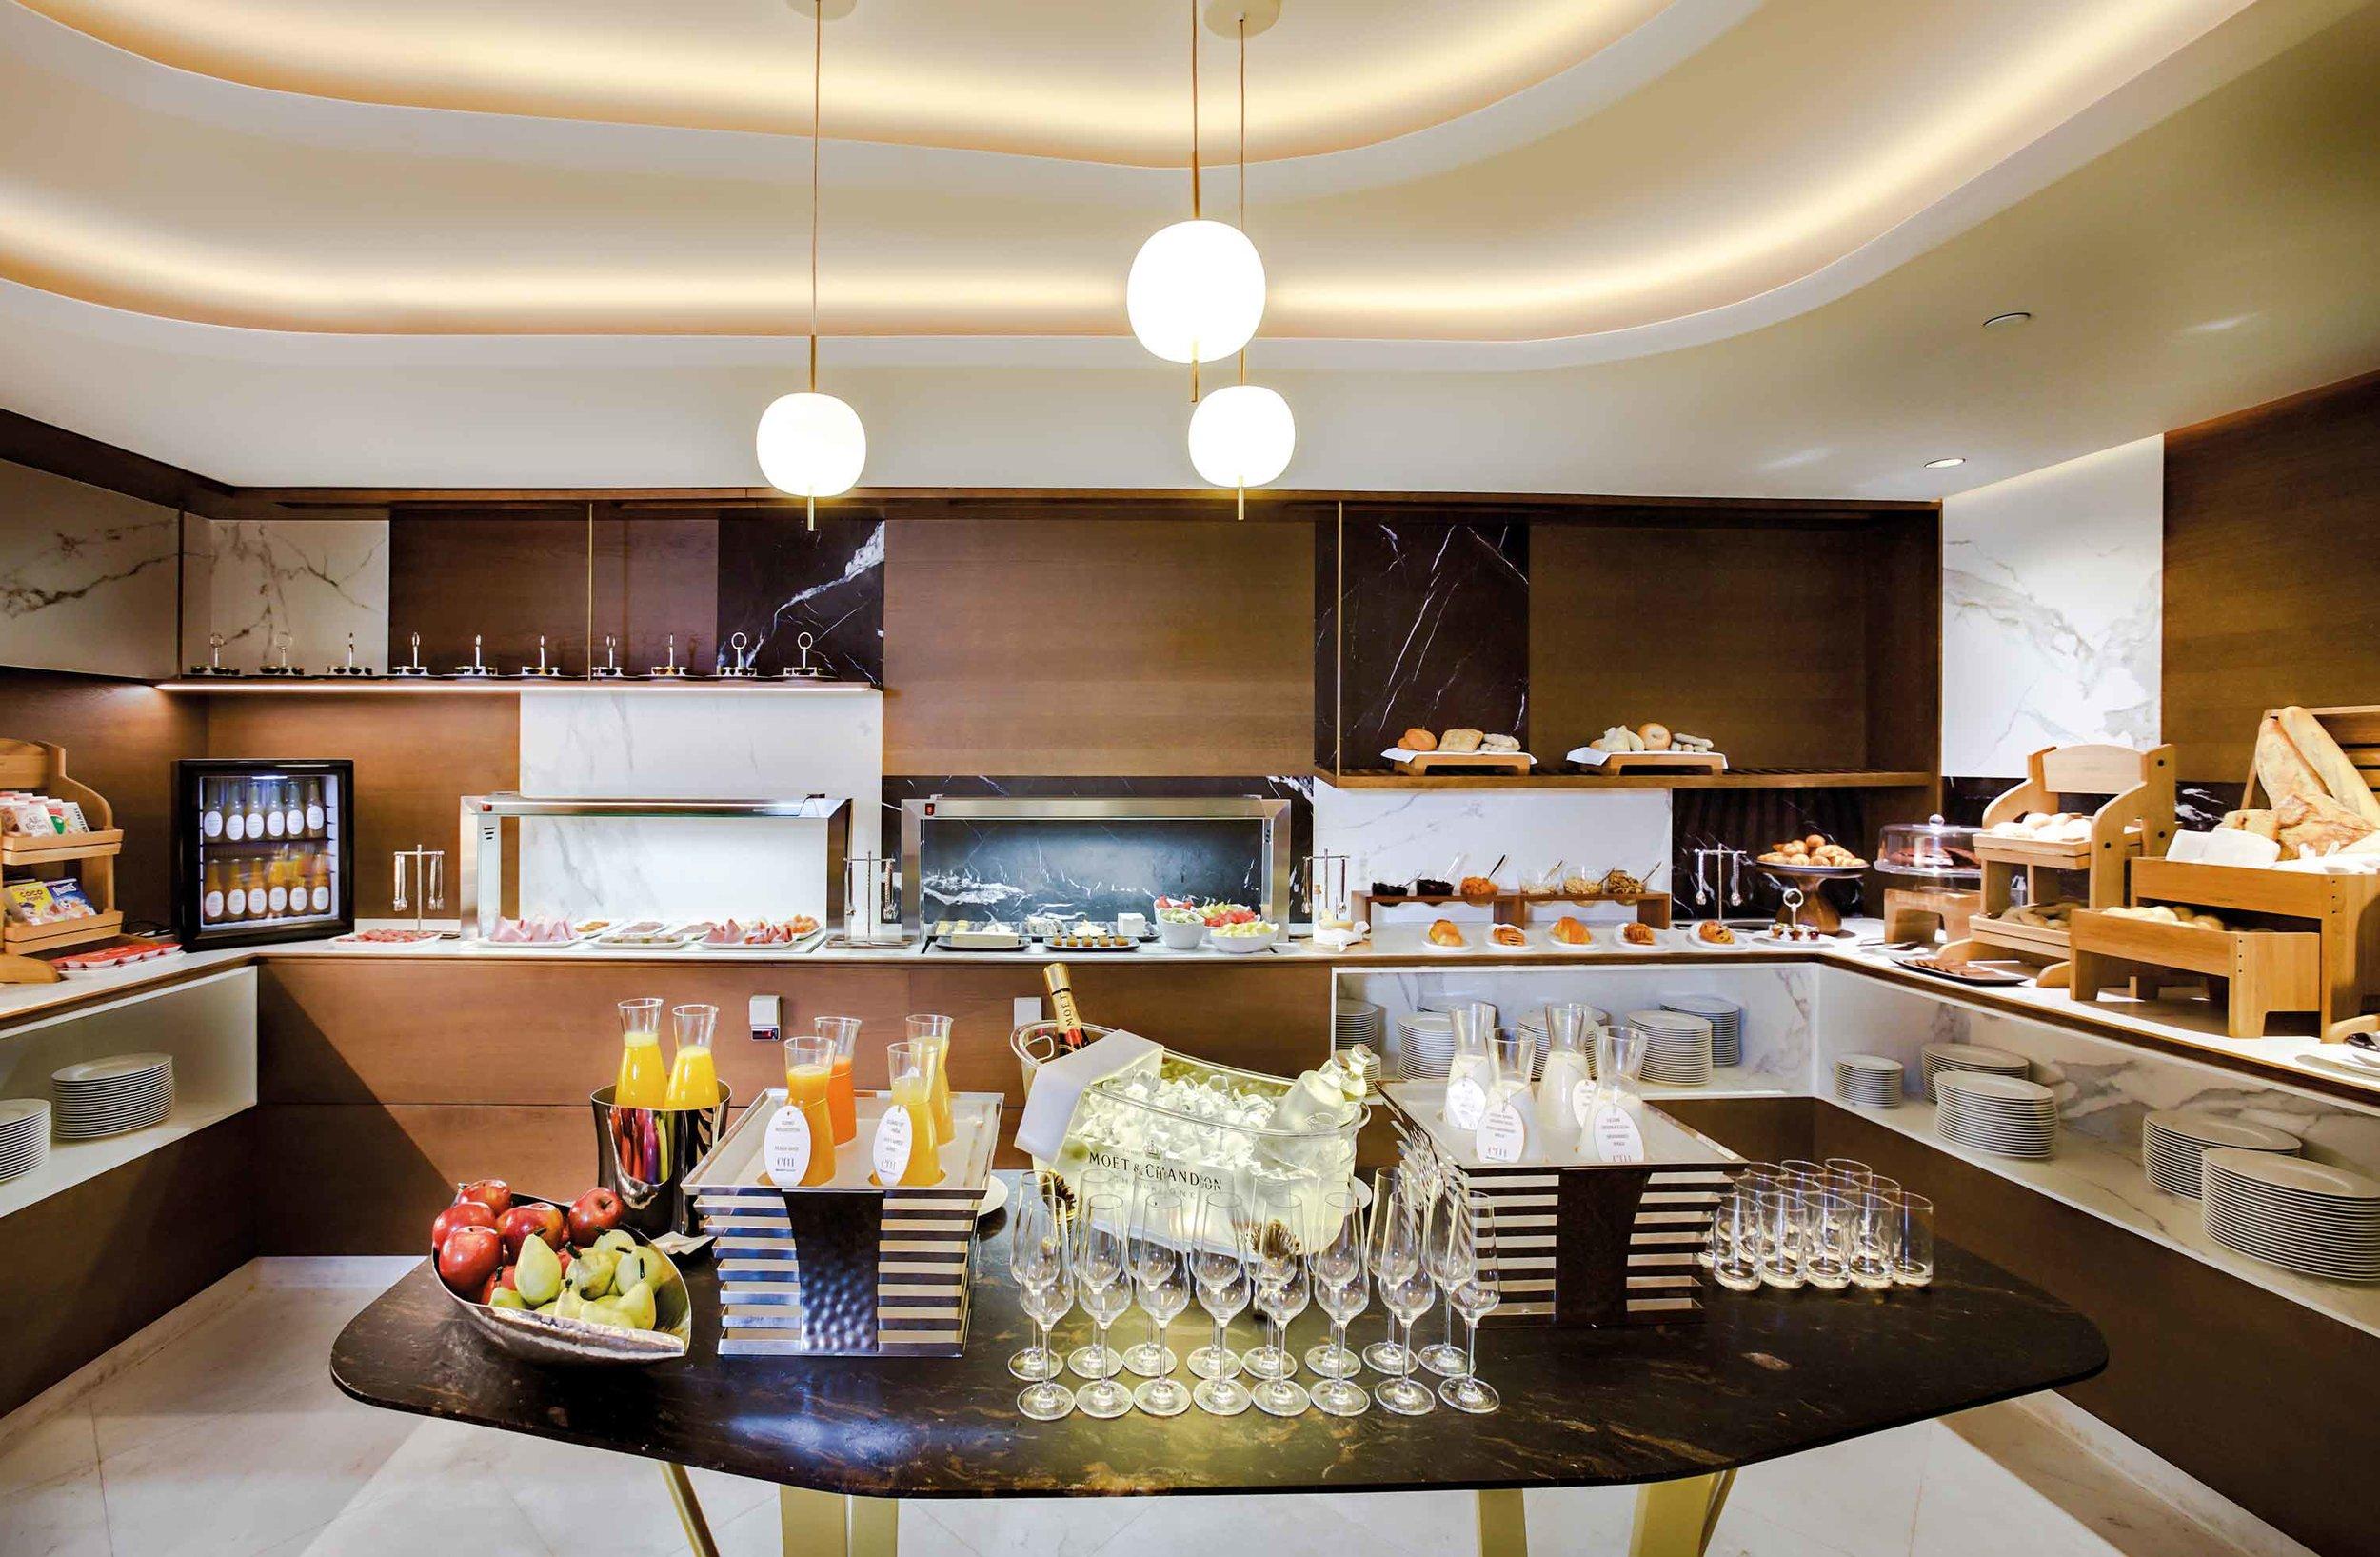 Barcelo-Emperatriz-buffet.jpg